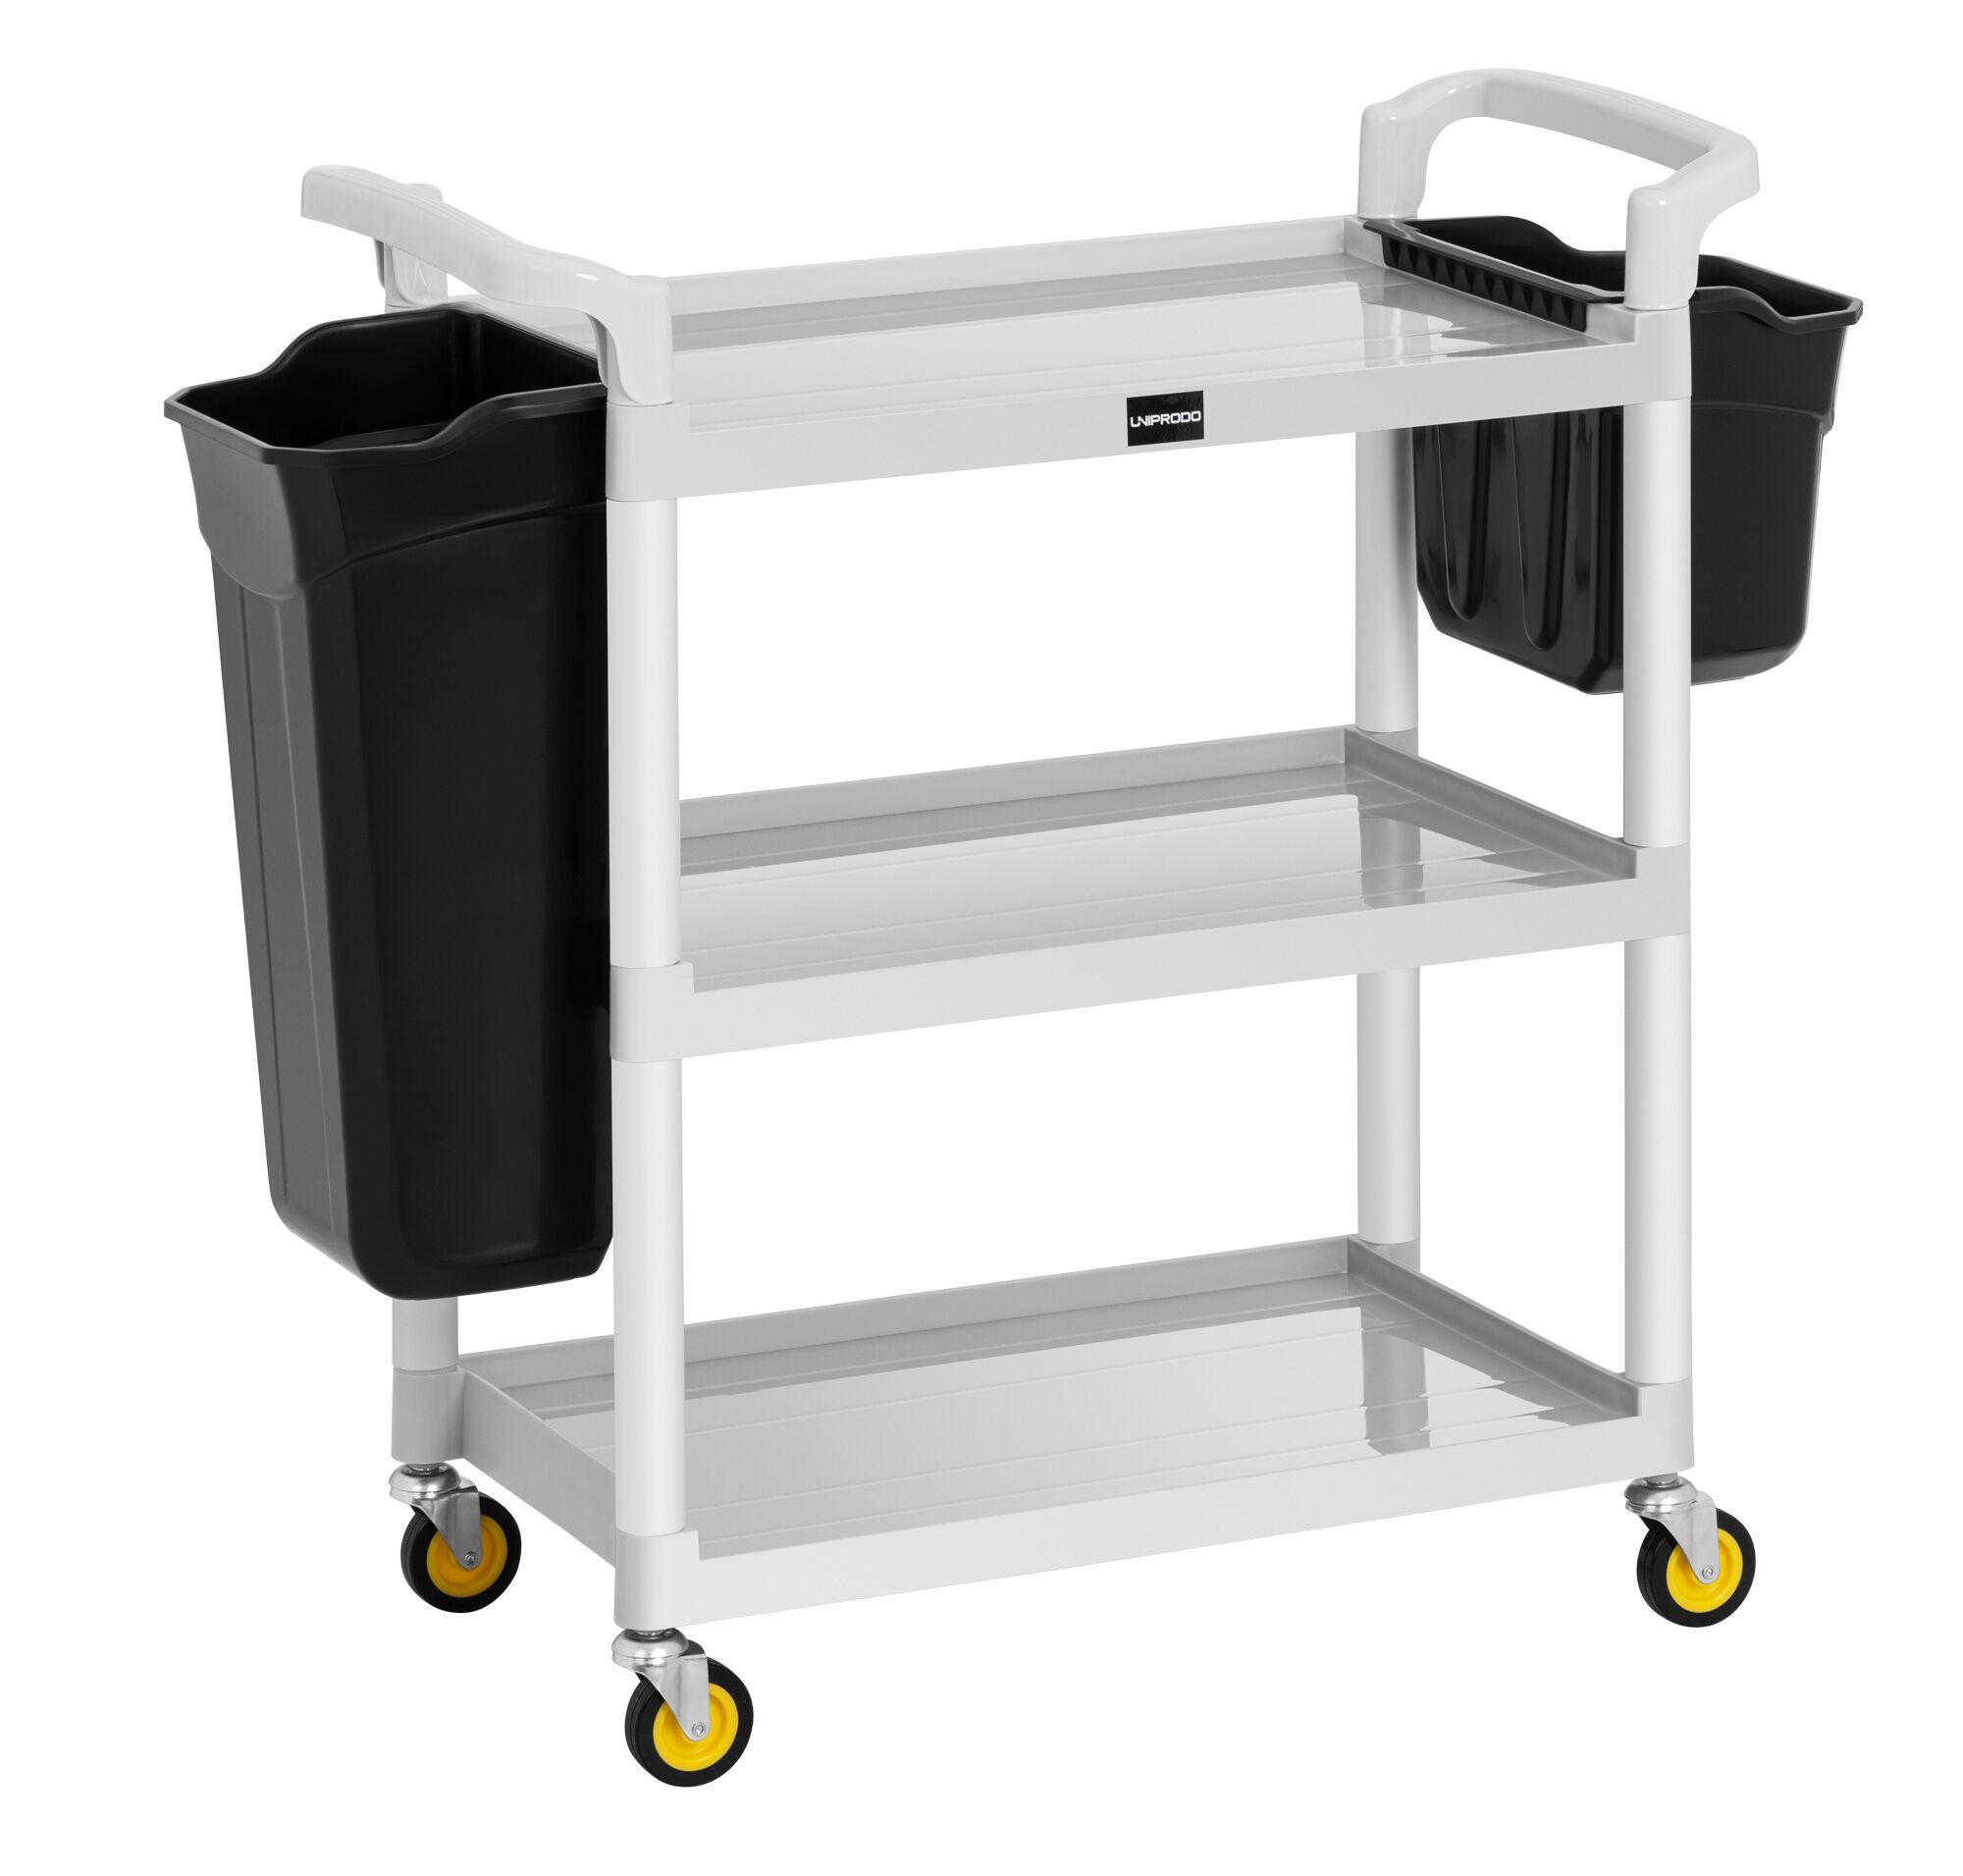 Uniprodo Servicewagen Hotel - 150 kg - 2 Behälter UNICLEAN 150